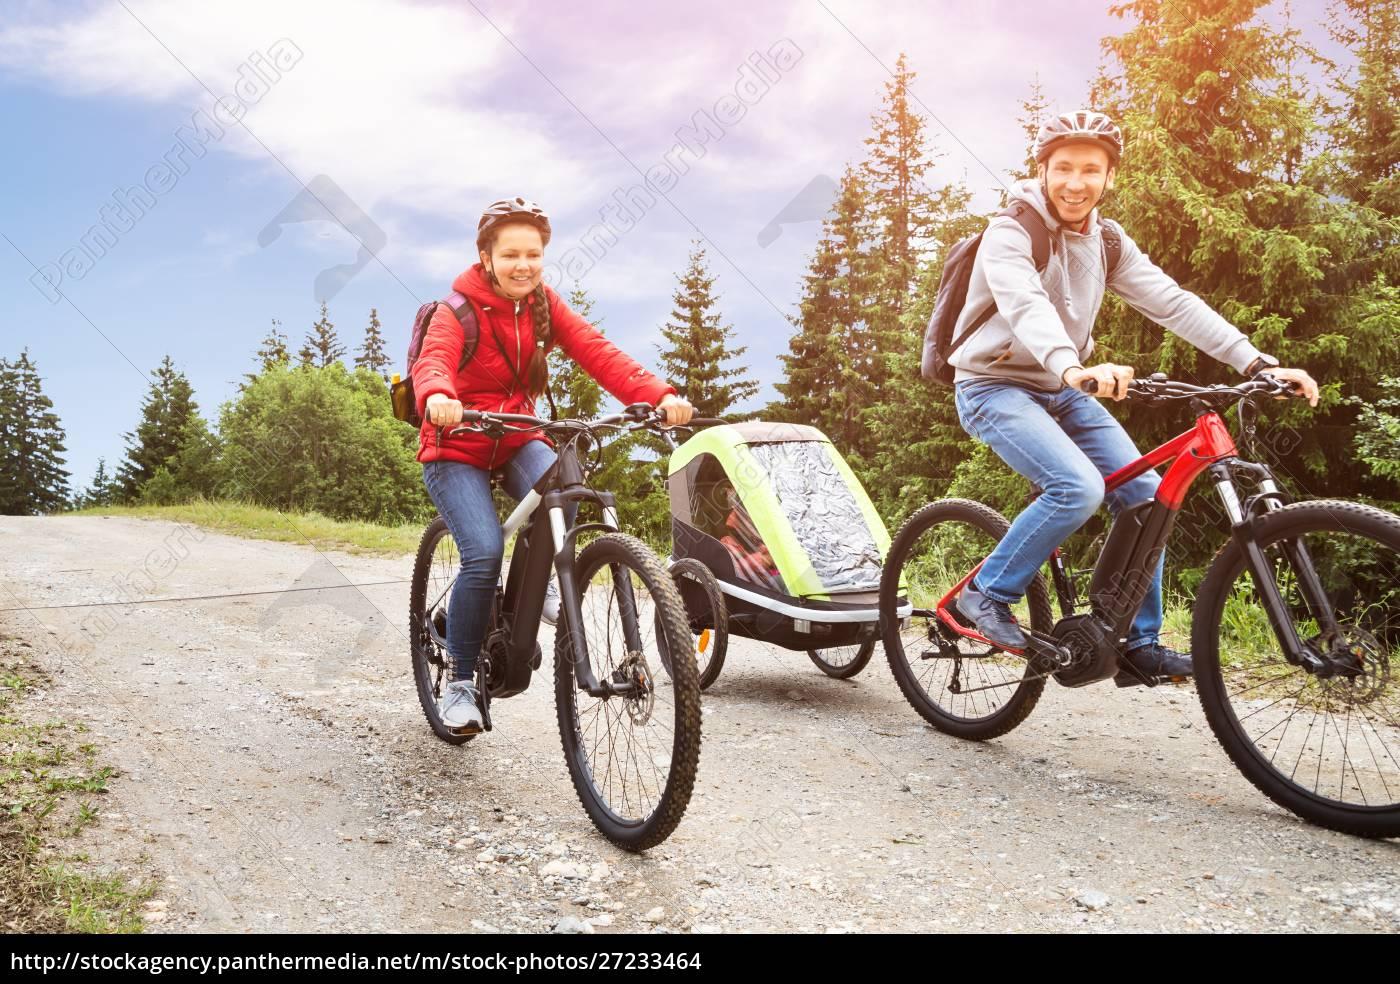 familie, mit, kind, in, anhänger, reiten - 27233464